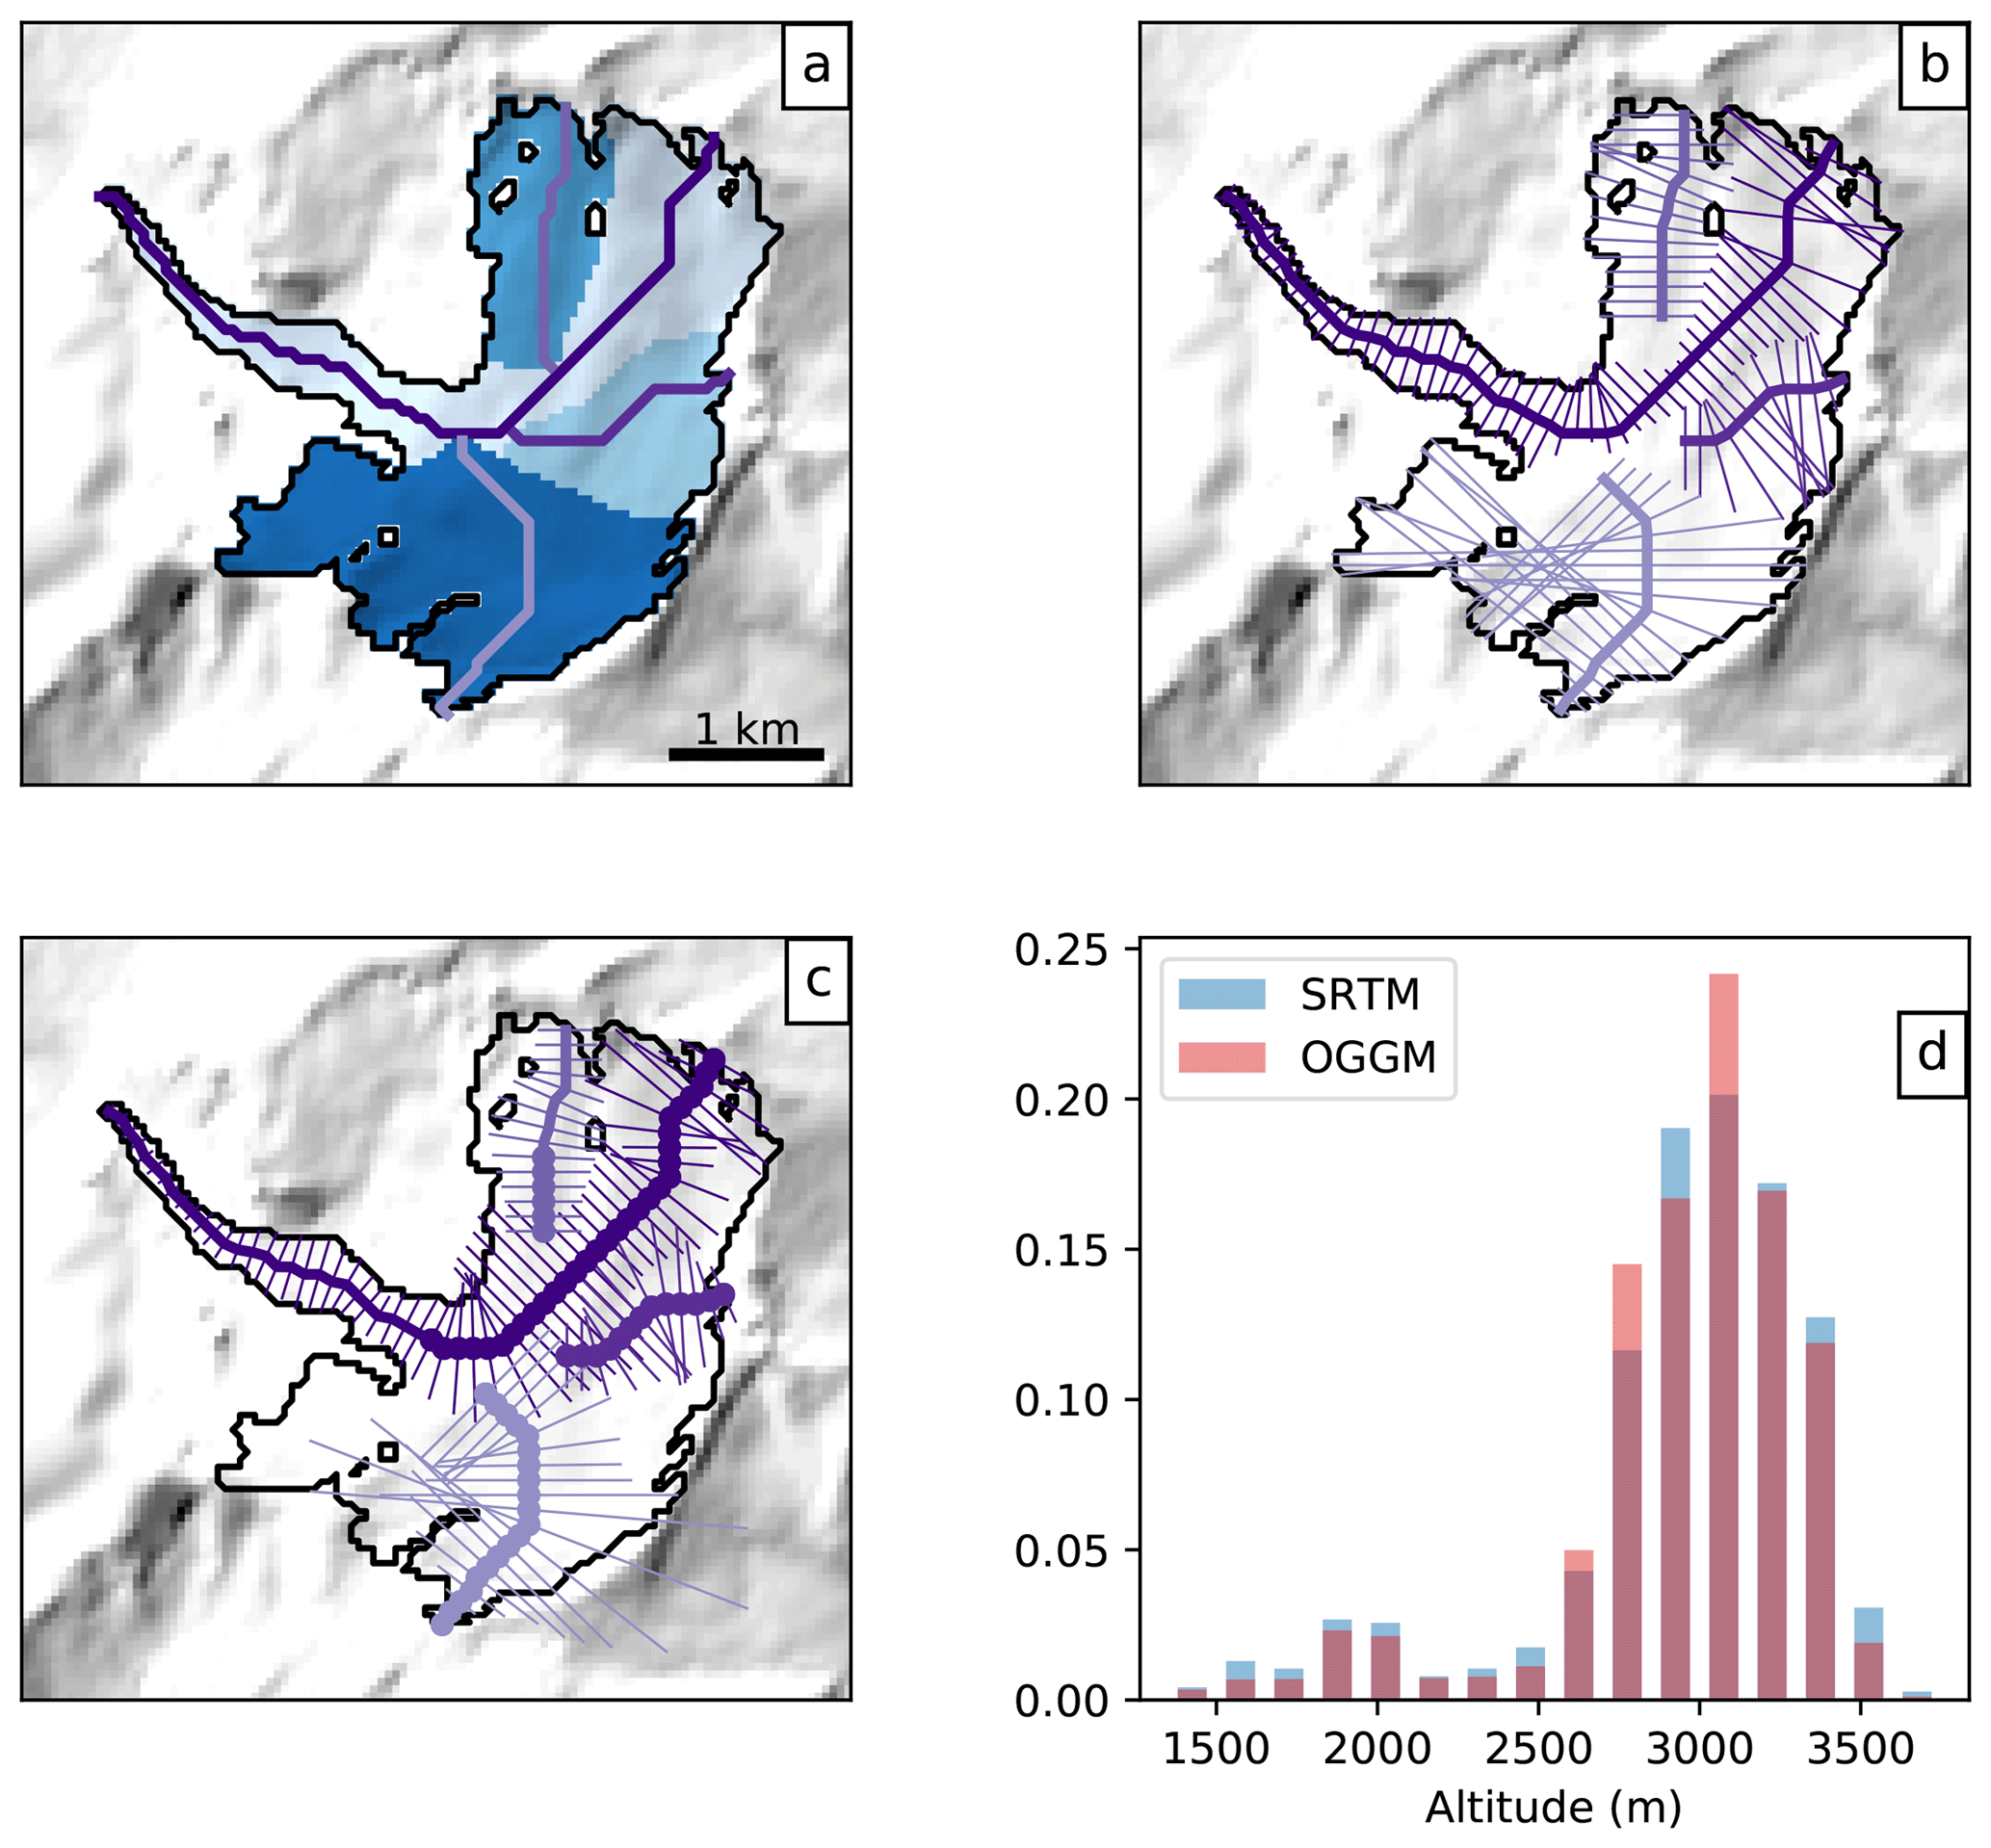 GMD - The Open Global Glacier Model (OGGM) v1 1